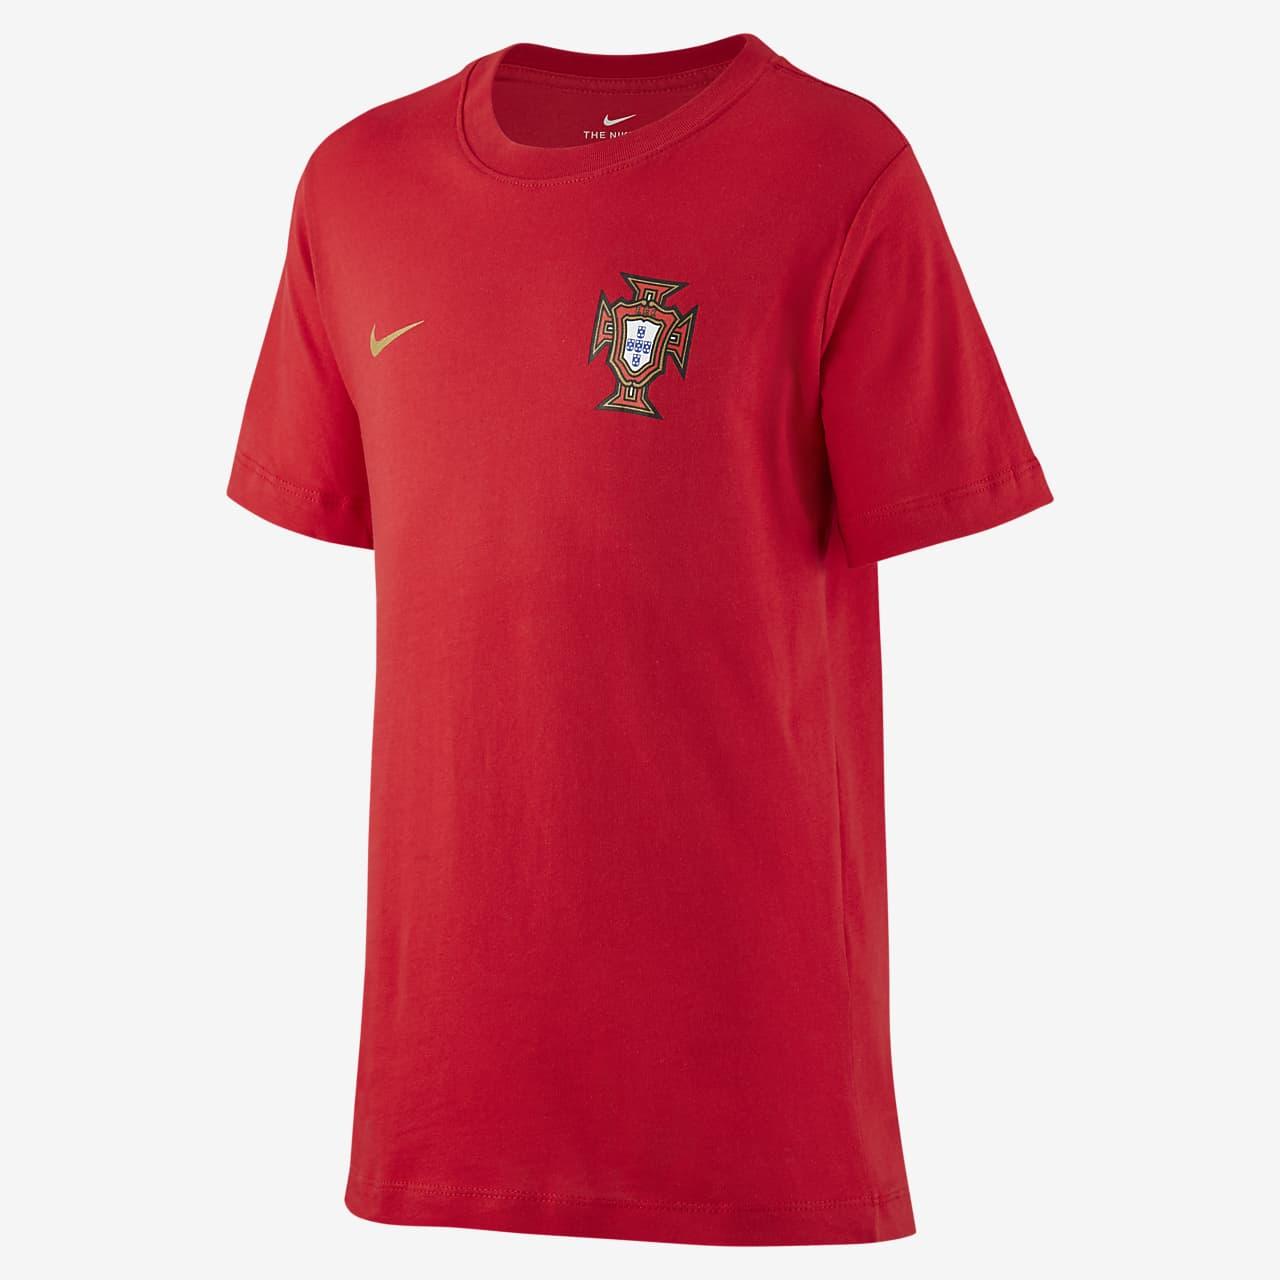 葡萄牙队大童(男孩)足球T恤